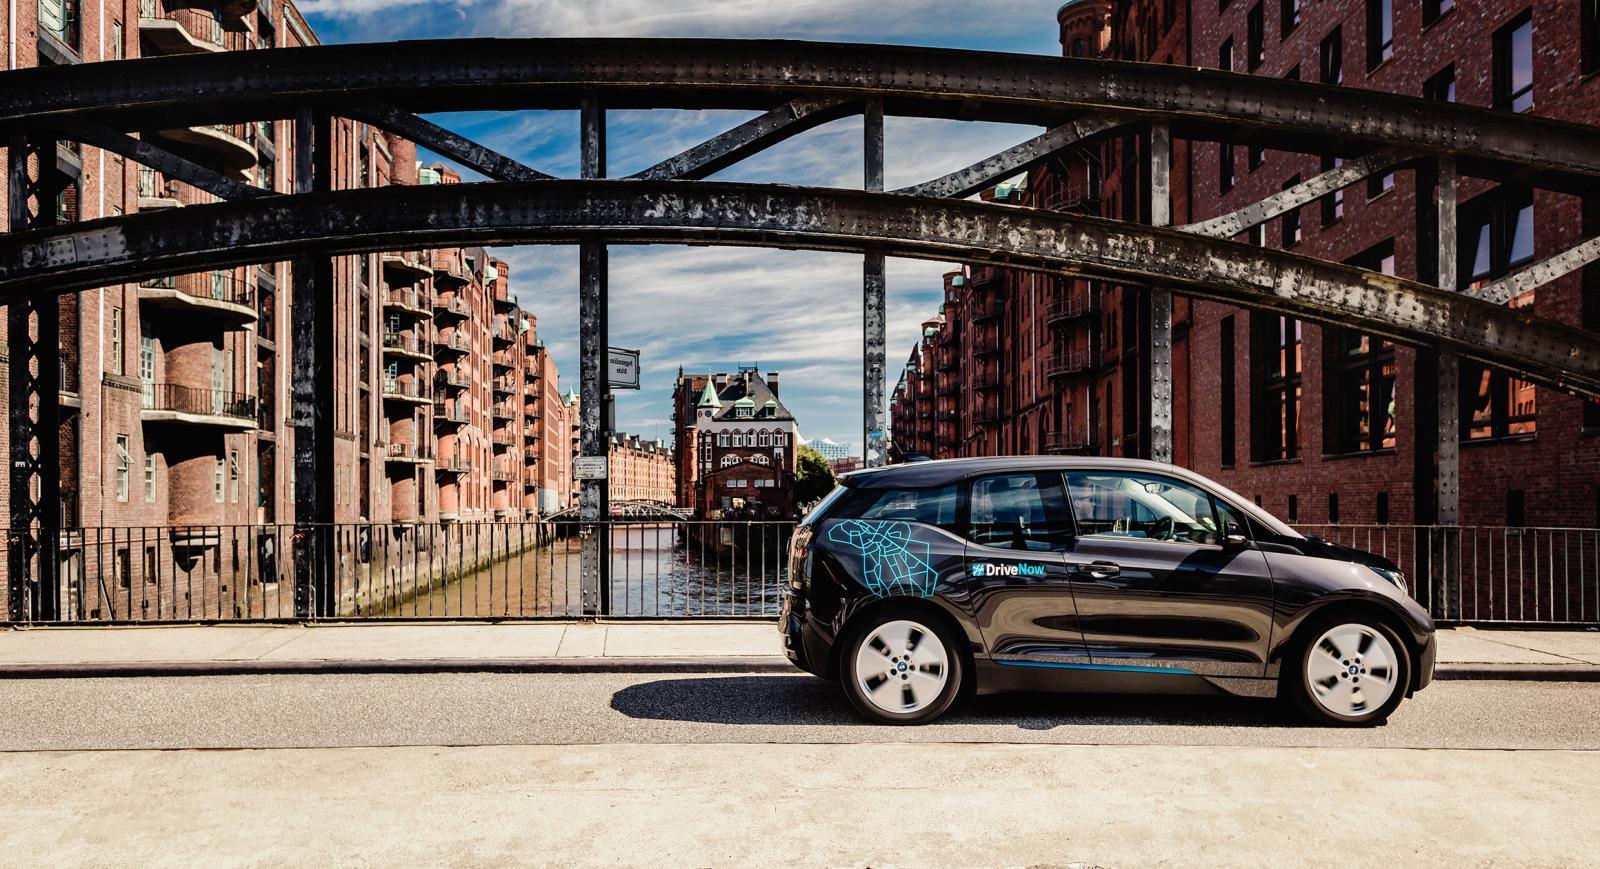 DriveNow-Carsharing-Hamburg-Greenwheels-Car2Go-HVV-Mobilit-Anmeldegebuehr-Kurzstrecke-Finanztip-Langstrecke-Sitze-Städten-Abendblatt-Cambio-Preisklasse